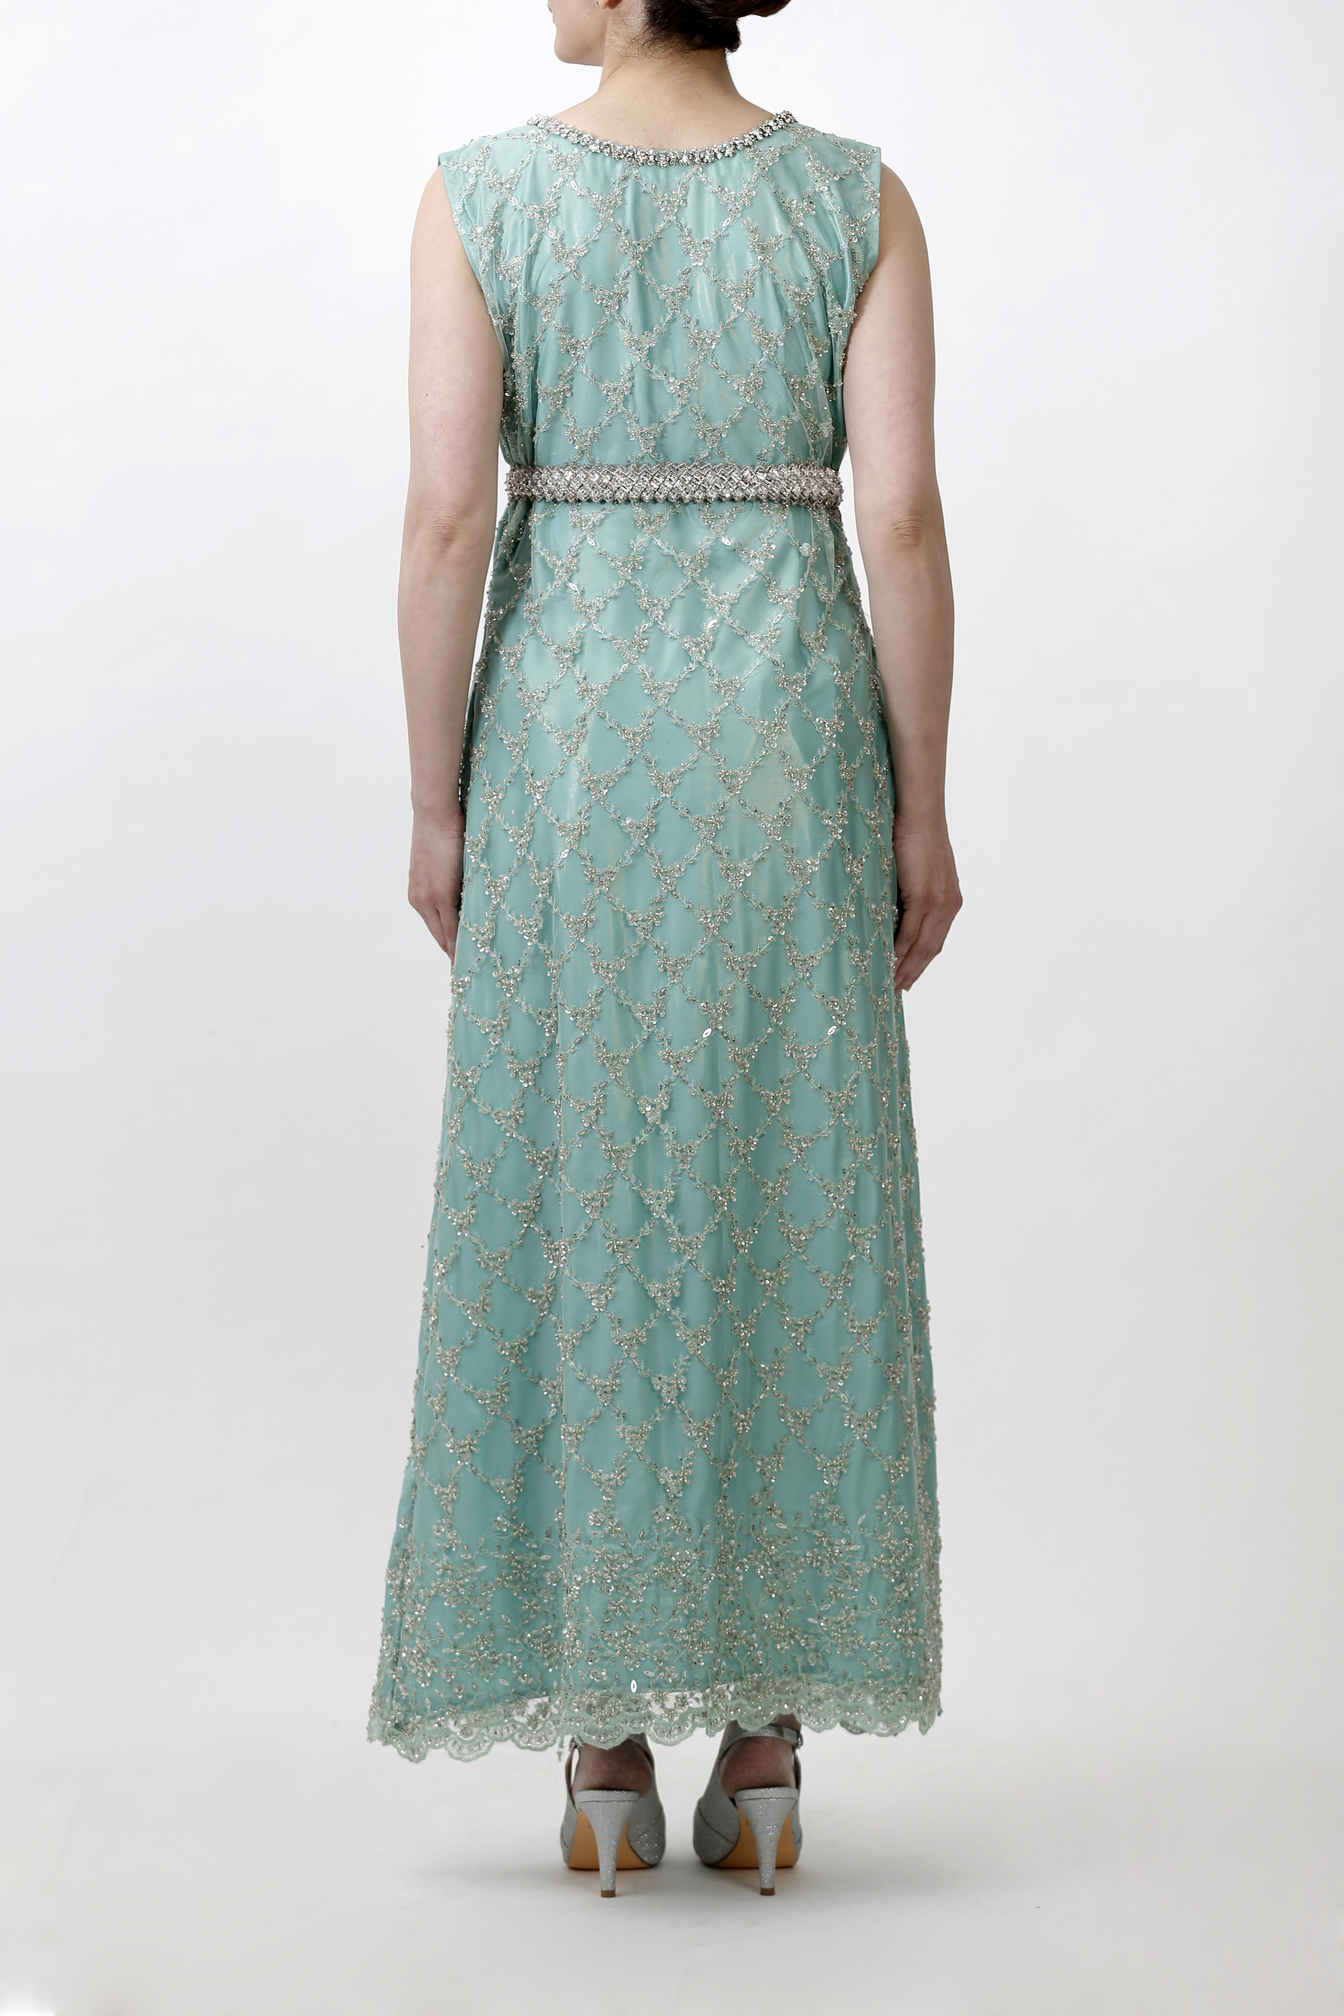 109 turquoise coat 1344x2016